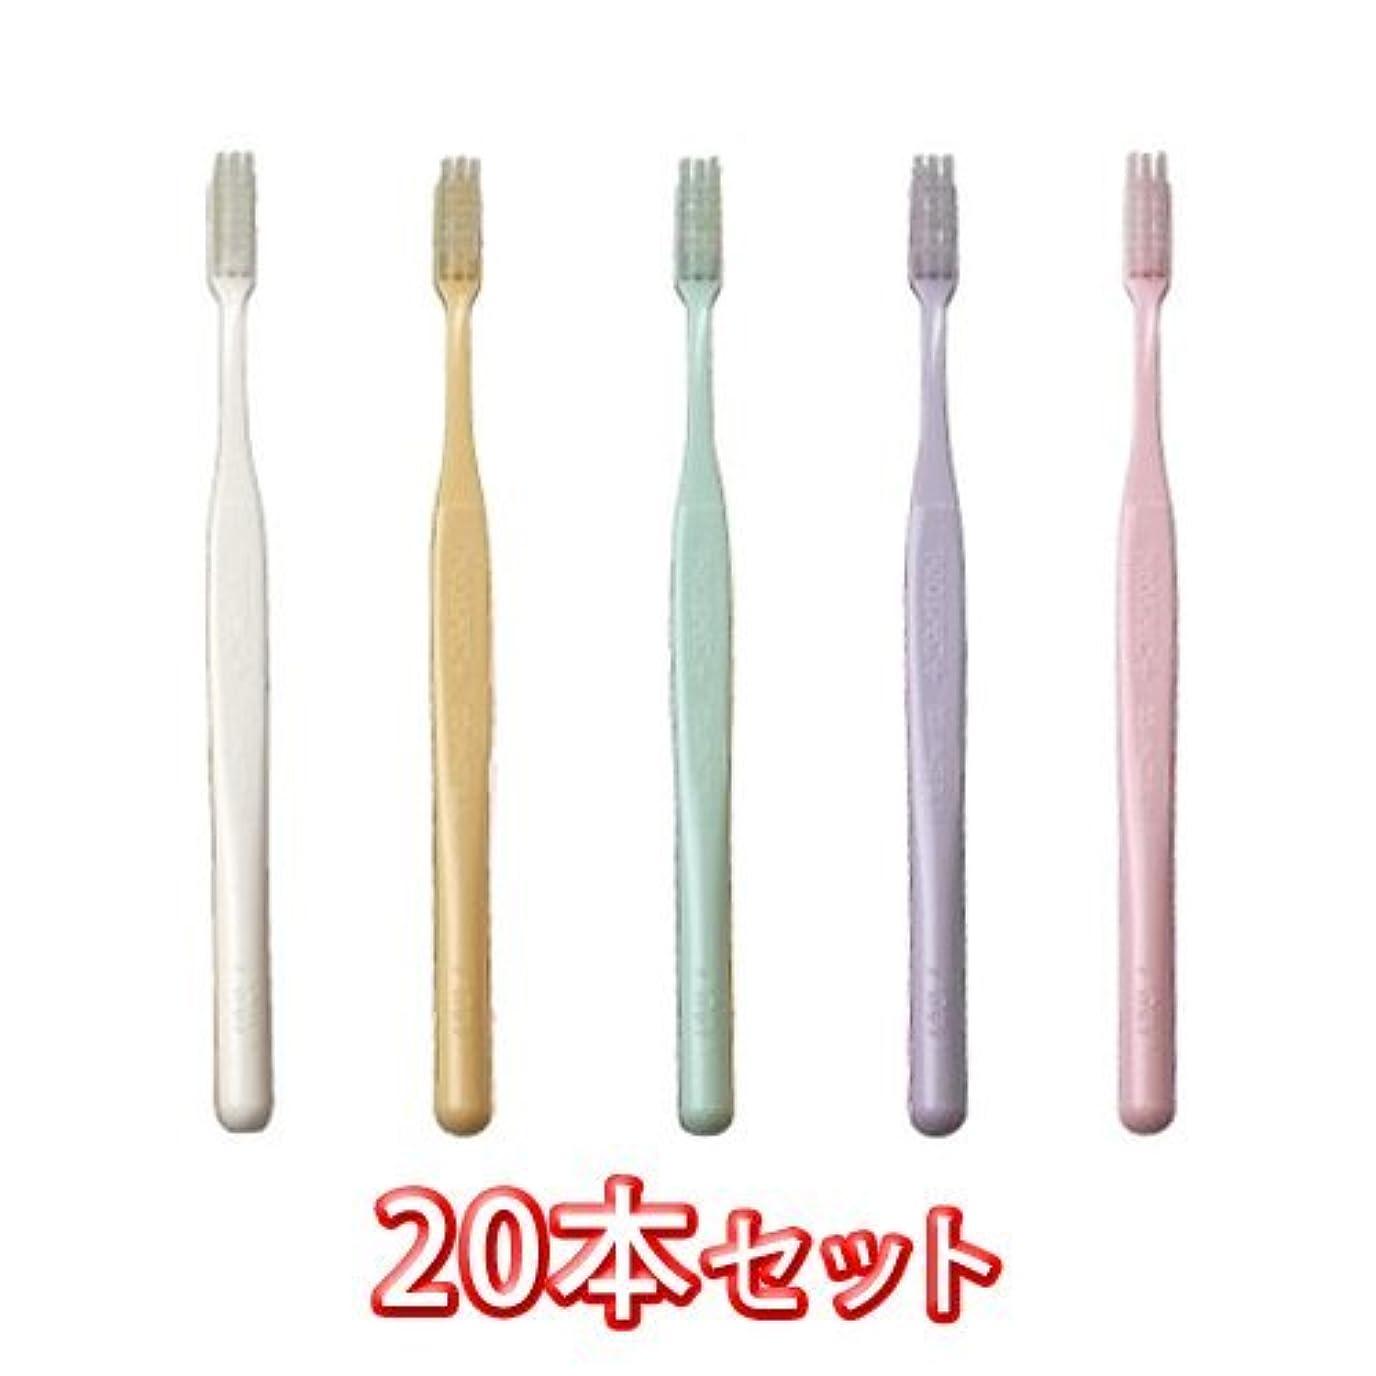 直面するポジション石化するプロスペック 歯ブラシ プラス コンパクトスリム 20本入 ふつう色 S やわらかめ